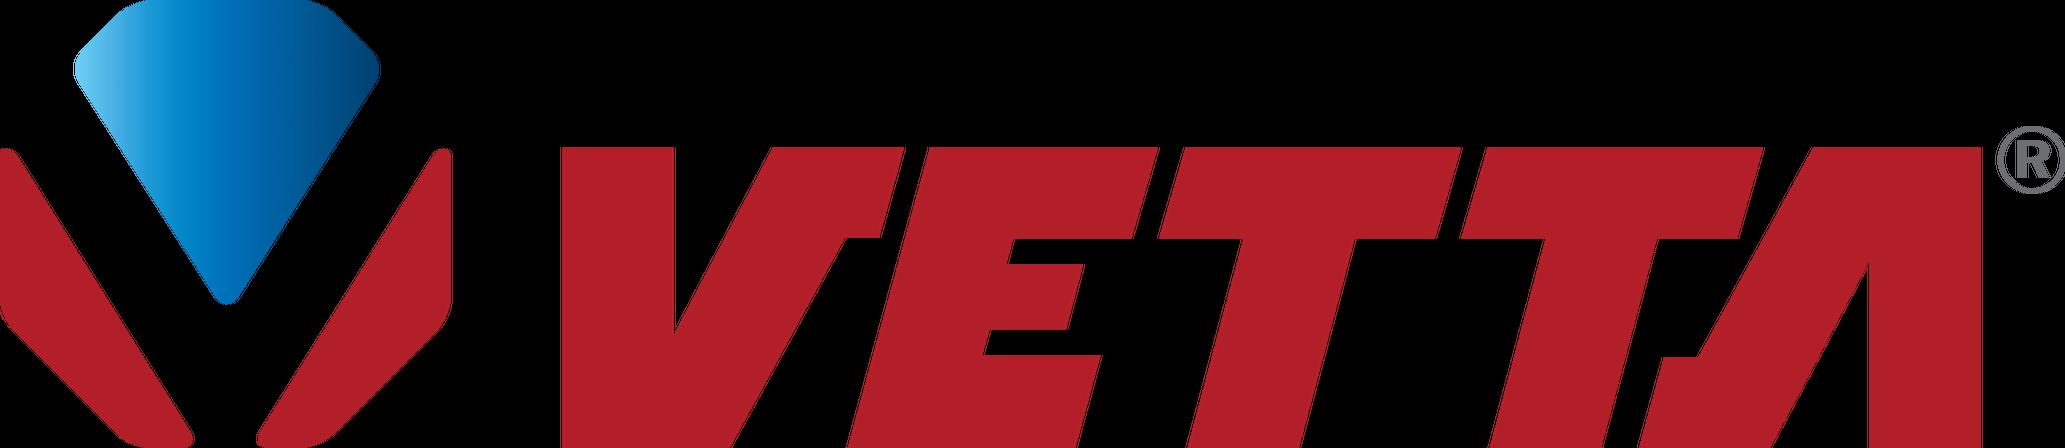 Vetta Videos